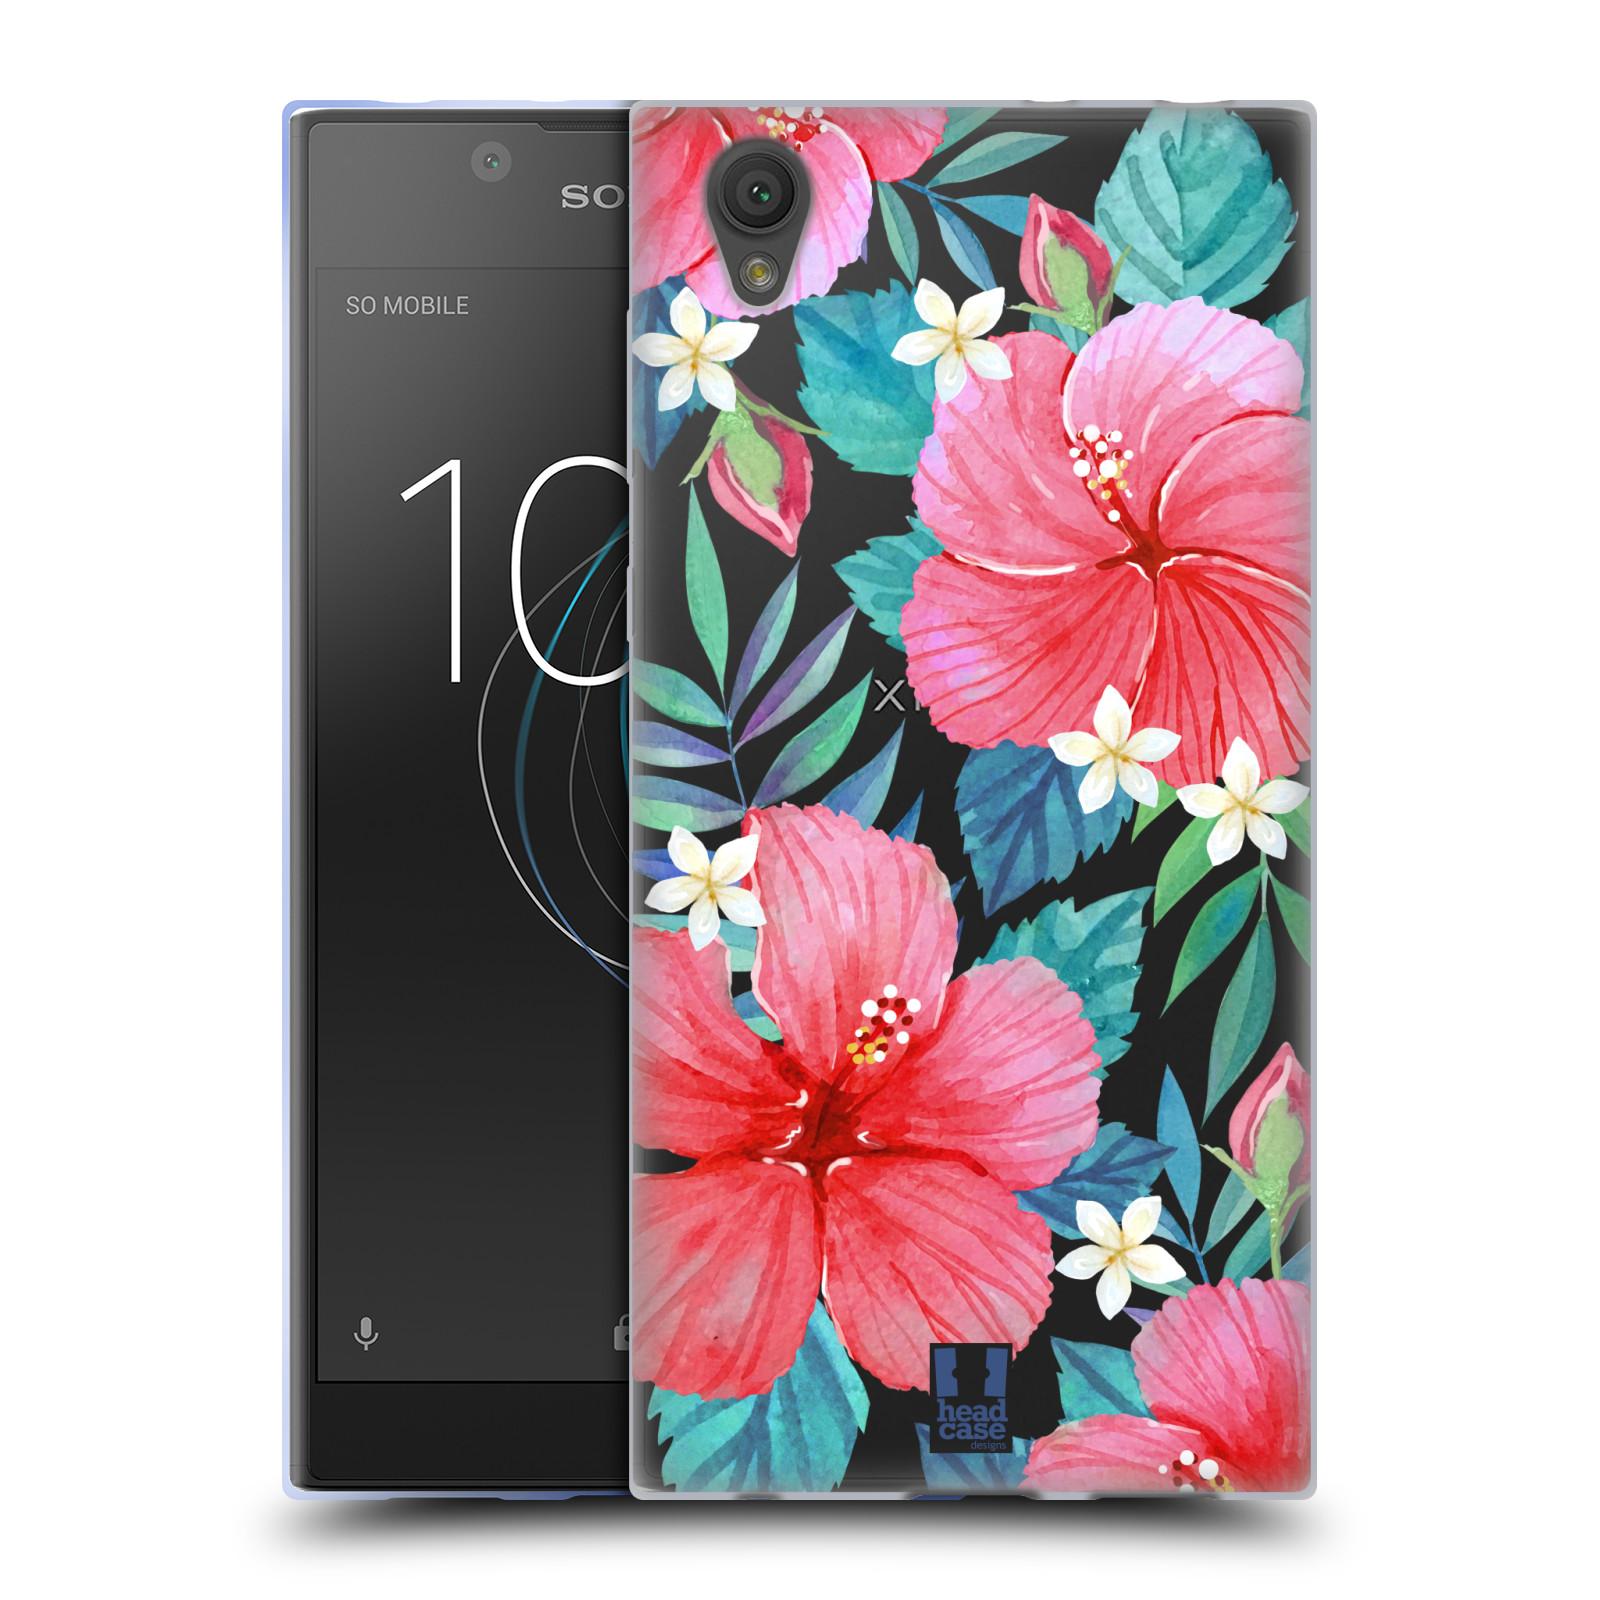 HEAD CASE silikonový obal na mobil Sony Xperia L1 květinové vzory Ibišek čínská růže